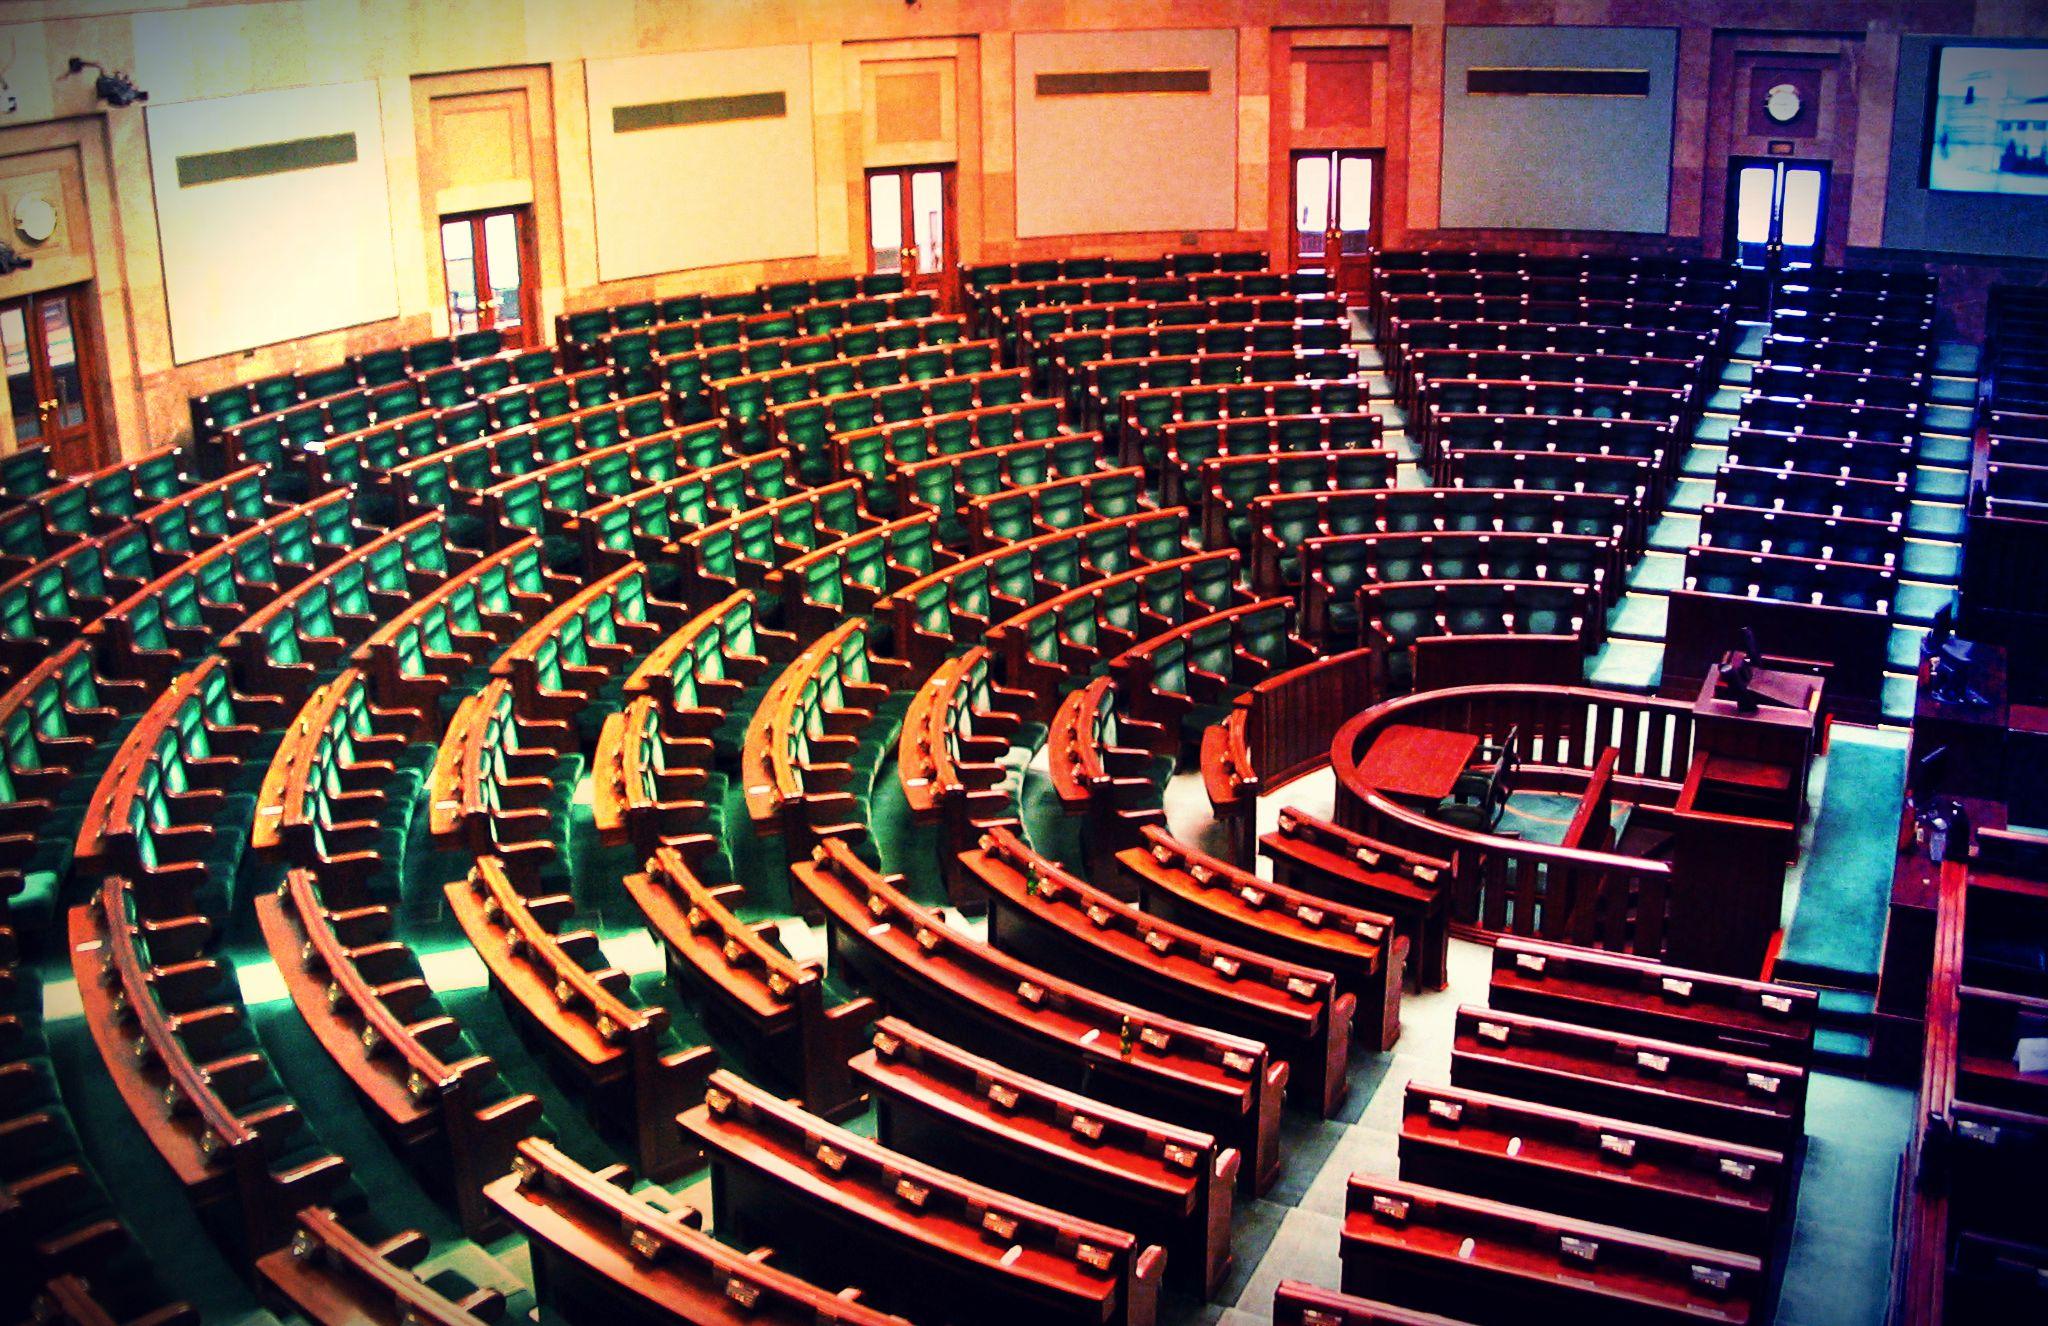 Sądy? Dzisiaj do Sejmu trafił 20 razy bardziej kontrowersyjny projekt